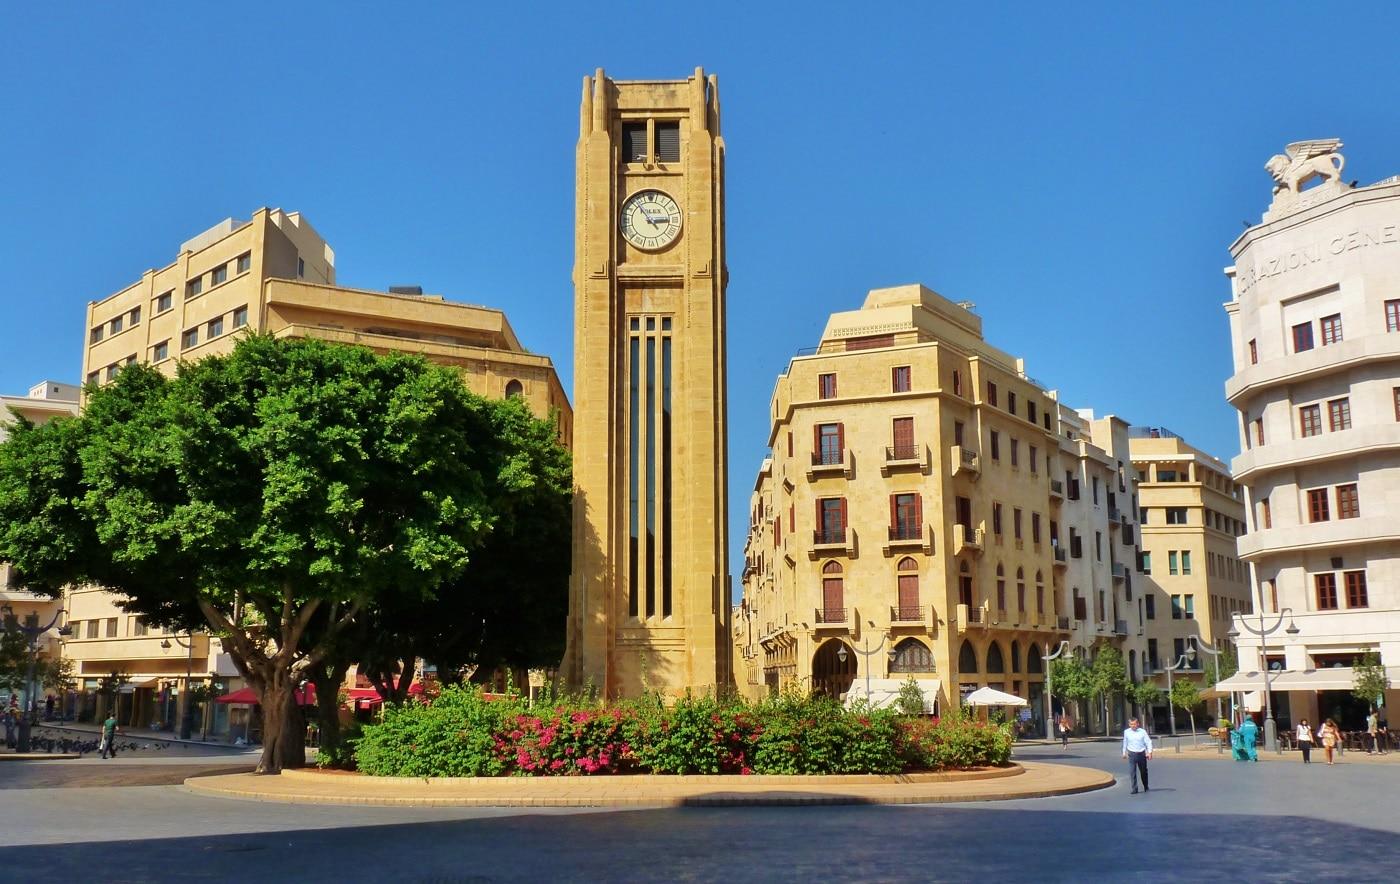 Turnul cu ceas din Place de l'Etoile